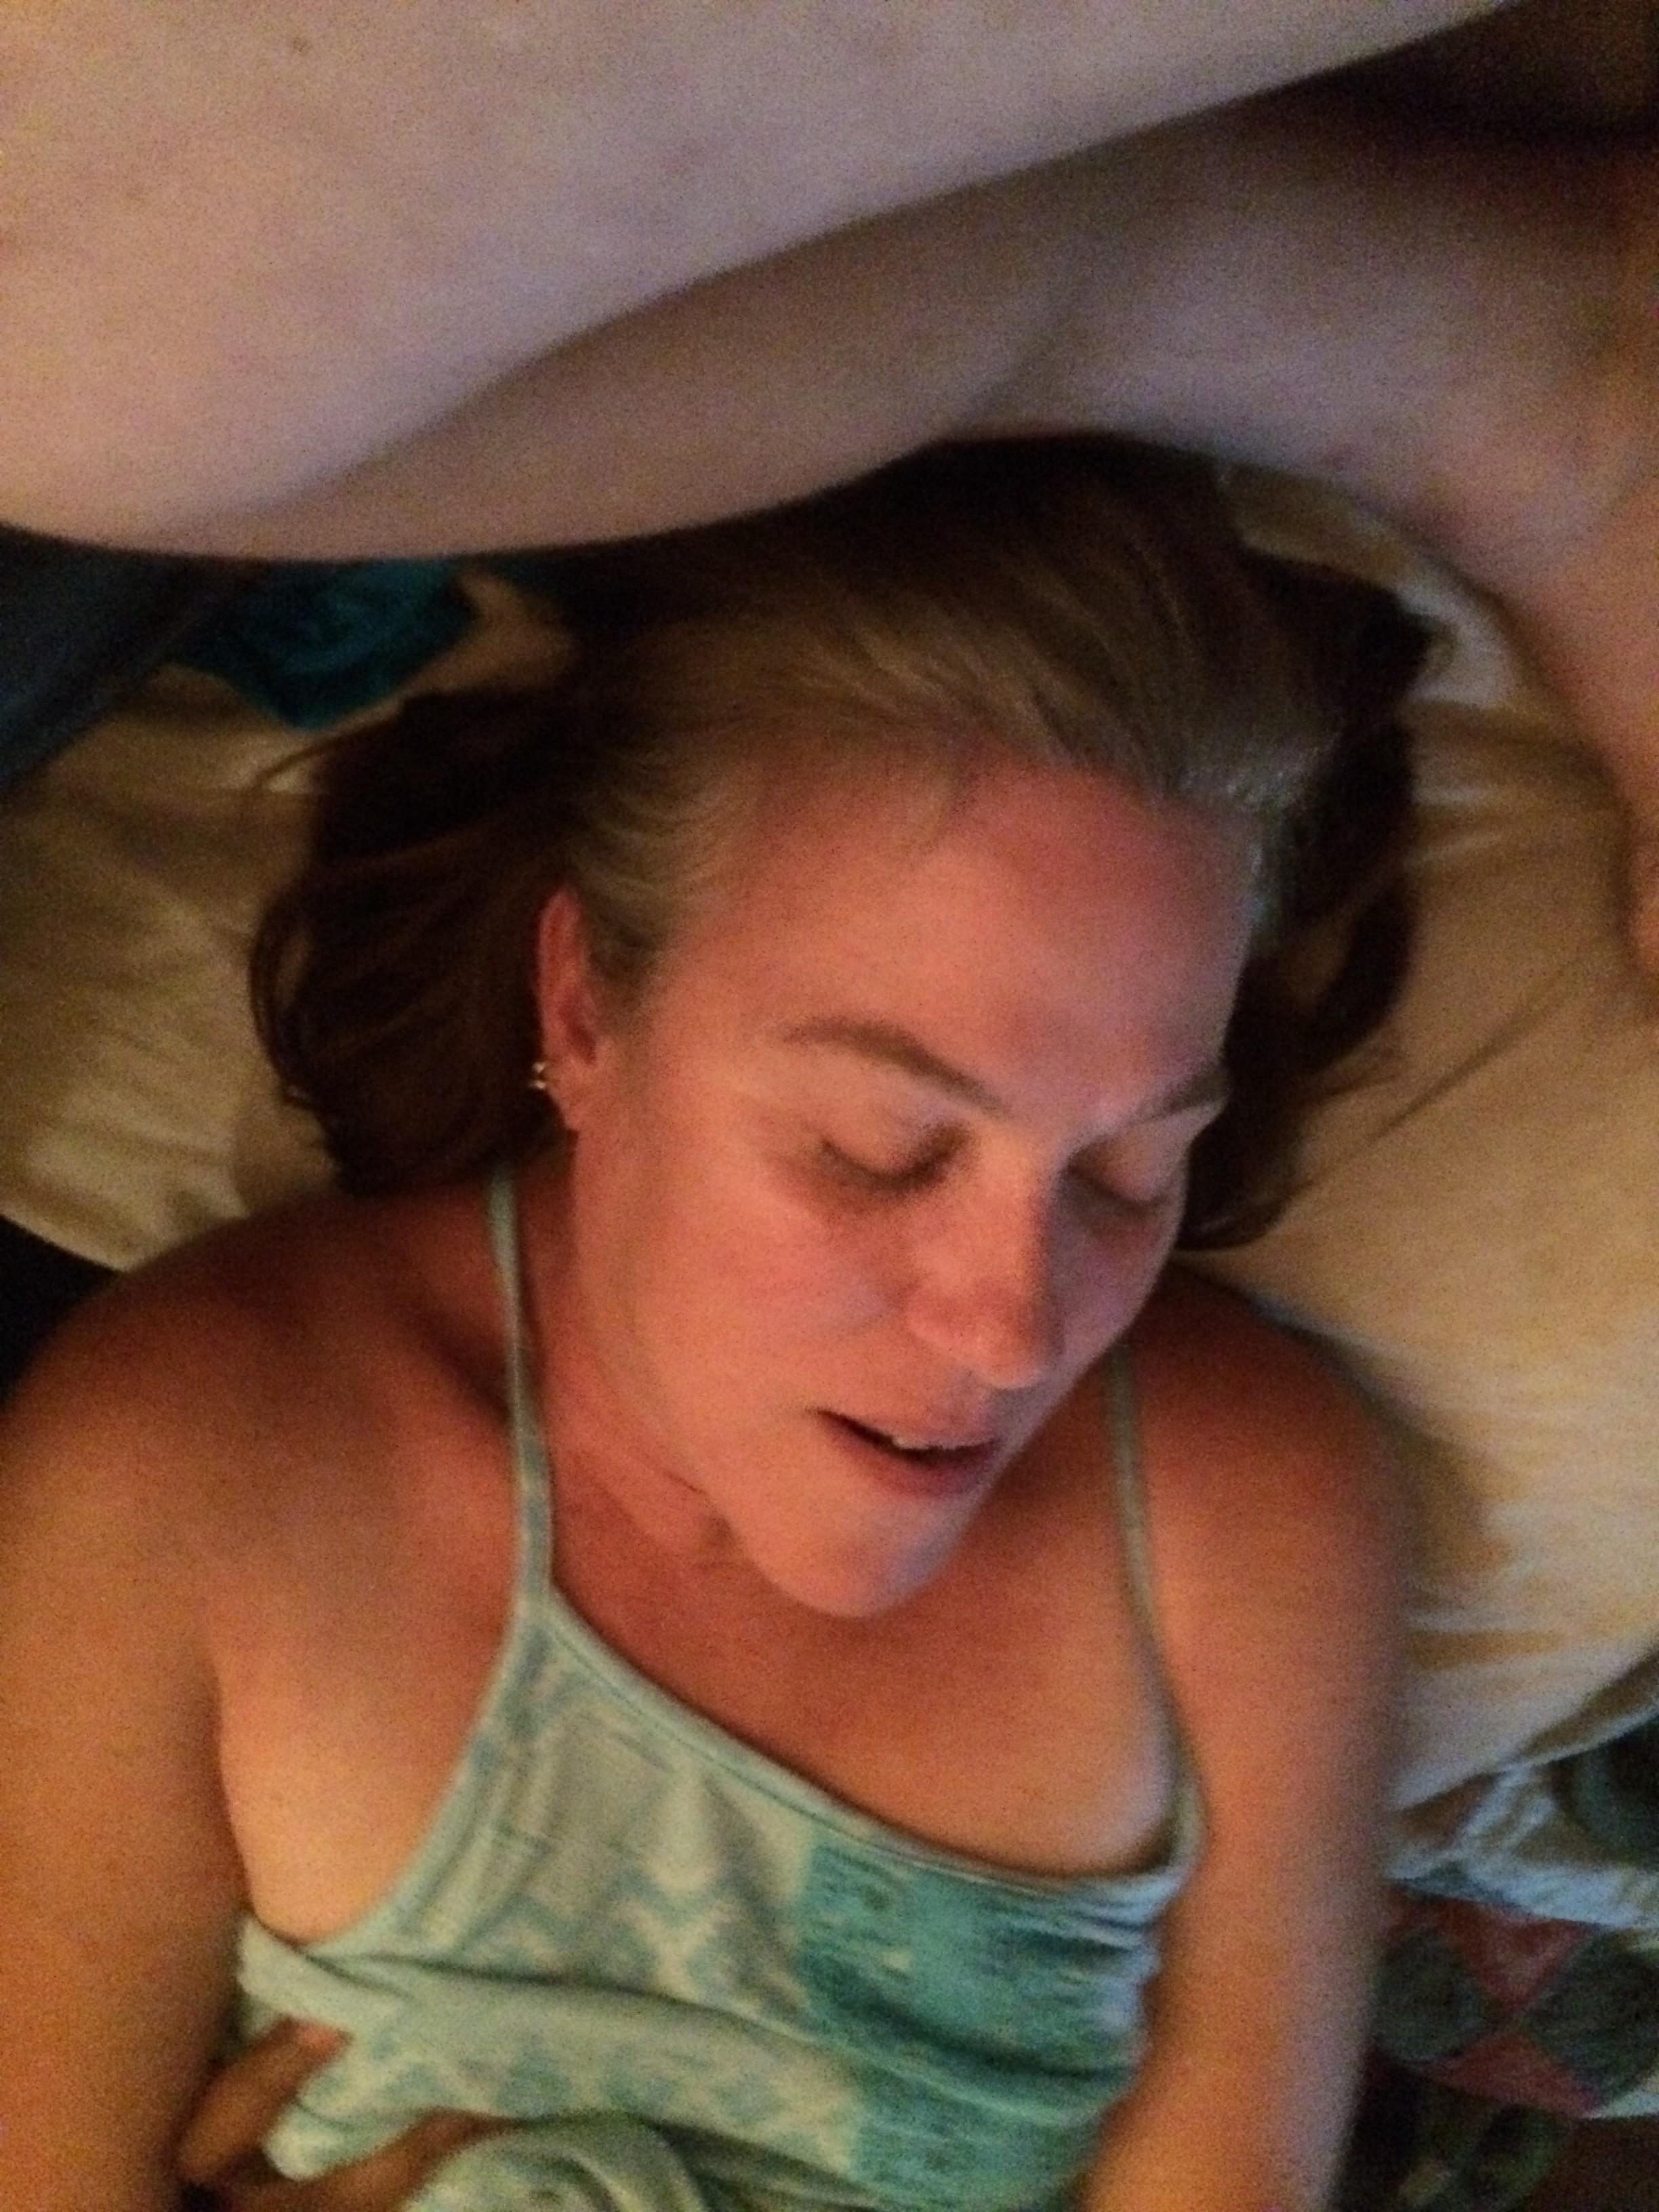 Моей жене понравилось ебаться с негром и мы позвали его вновь